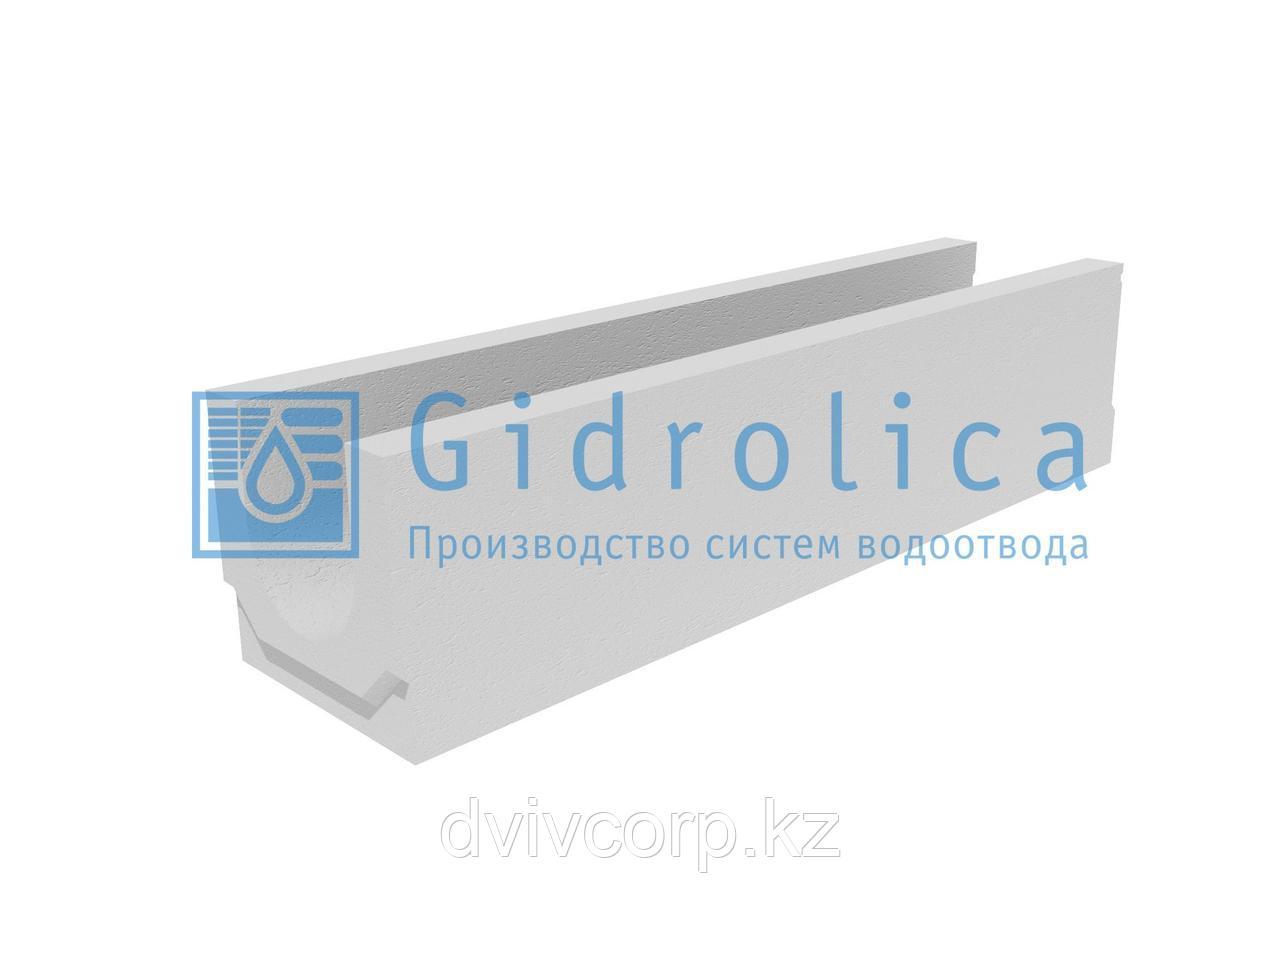 Лоток водоотводный бетонный коробчатый (СО-150мм)КU 100.24,8 (15).24(17,5) - BGU, № 0